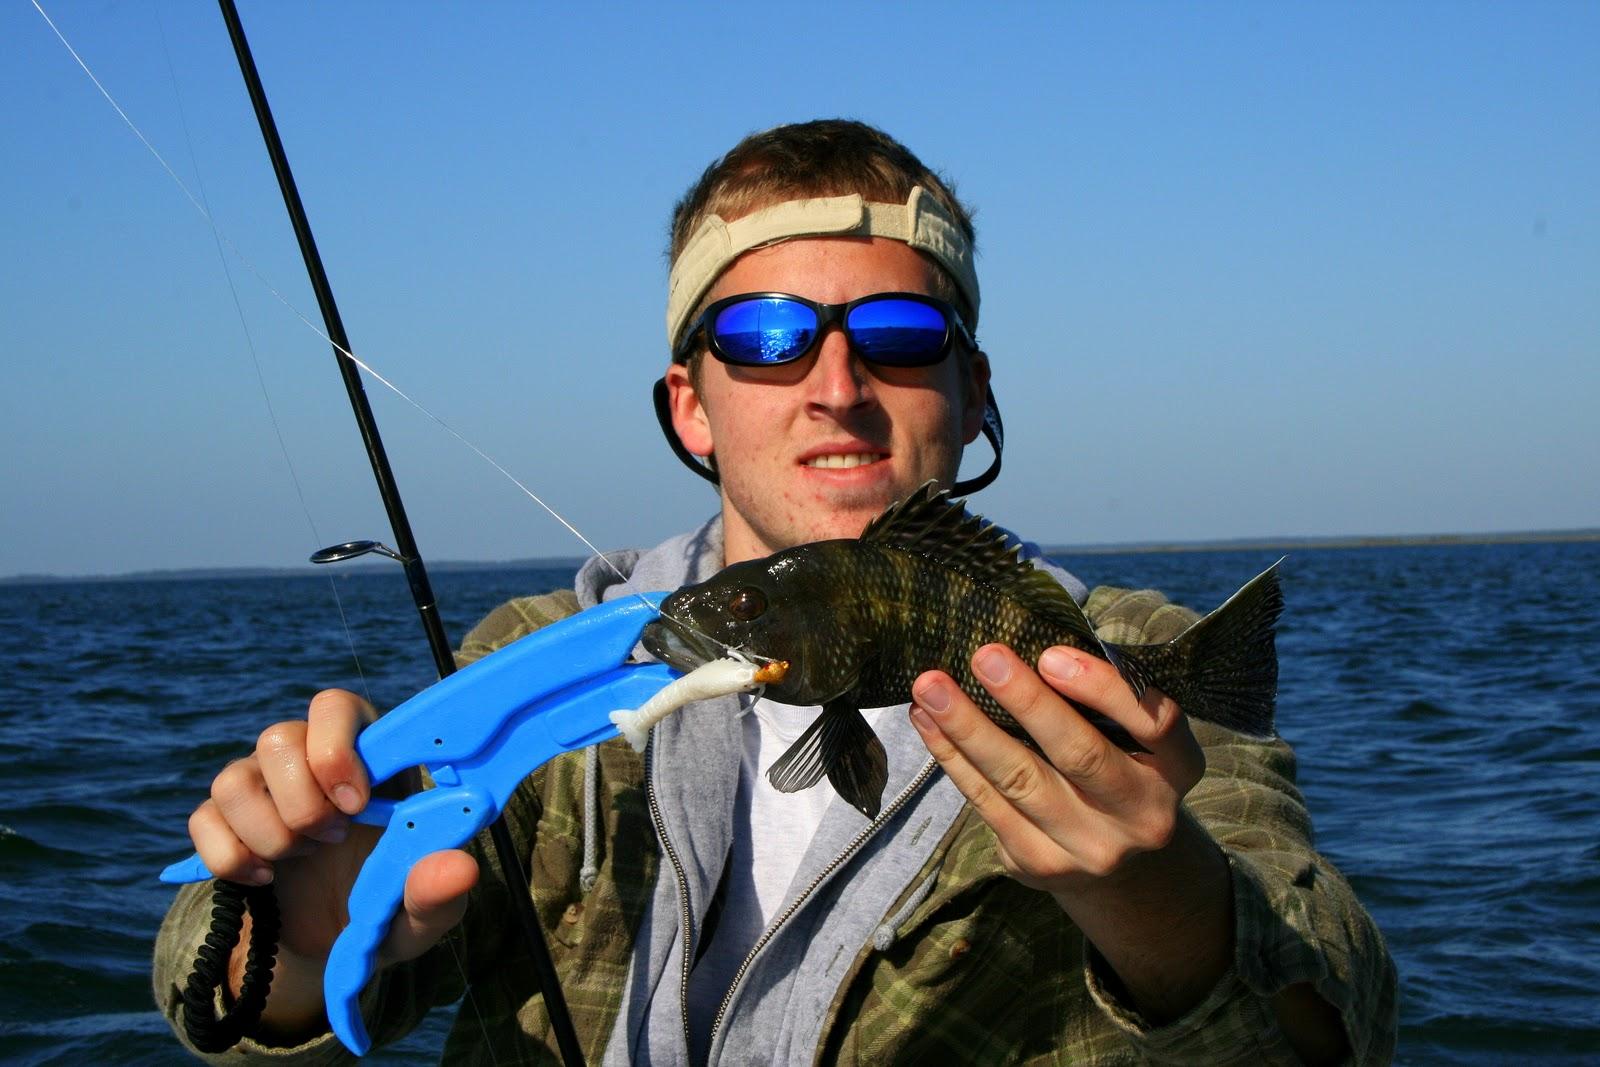 Florida gheenoe fishing breezy start to november in the for Fishing in november